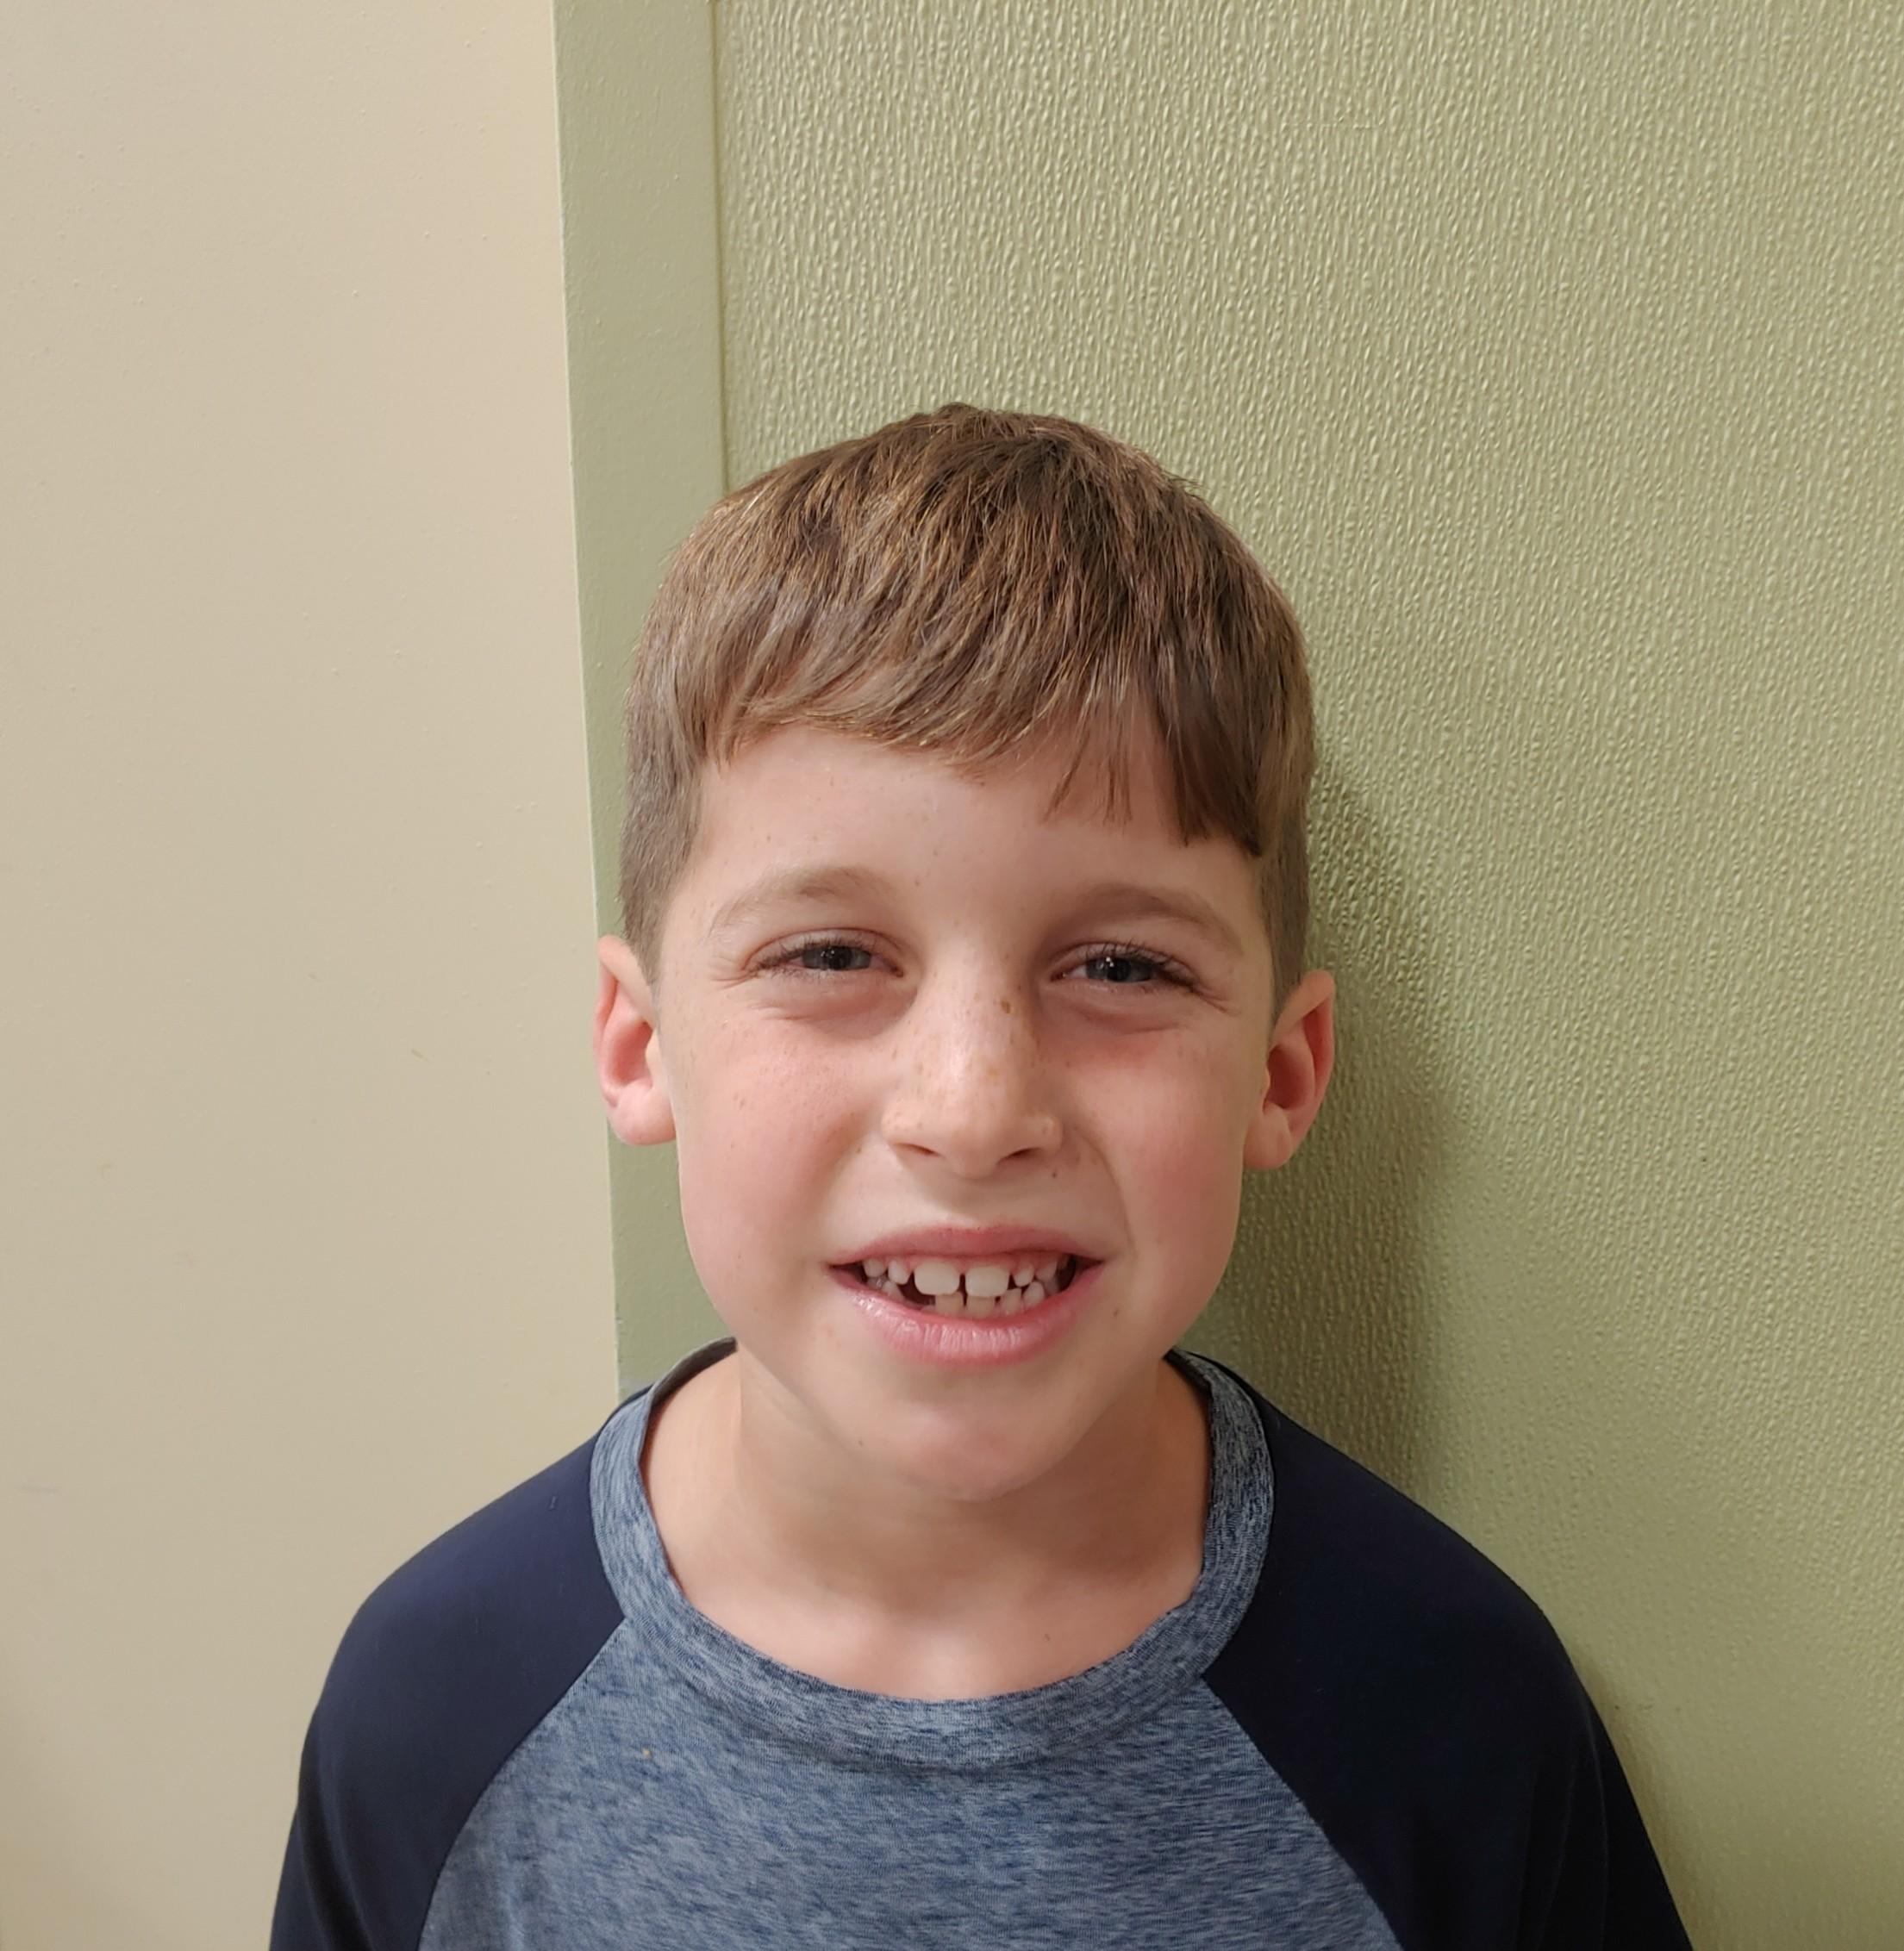 I'm raising money for my school through the Daniel Island School Fun Run.  Levi, Age 8 Daniel Island